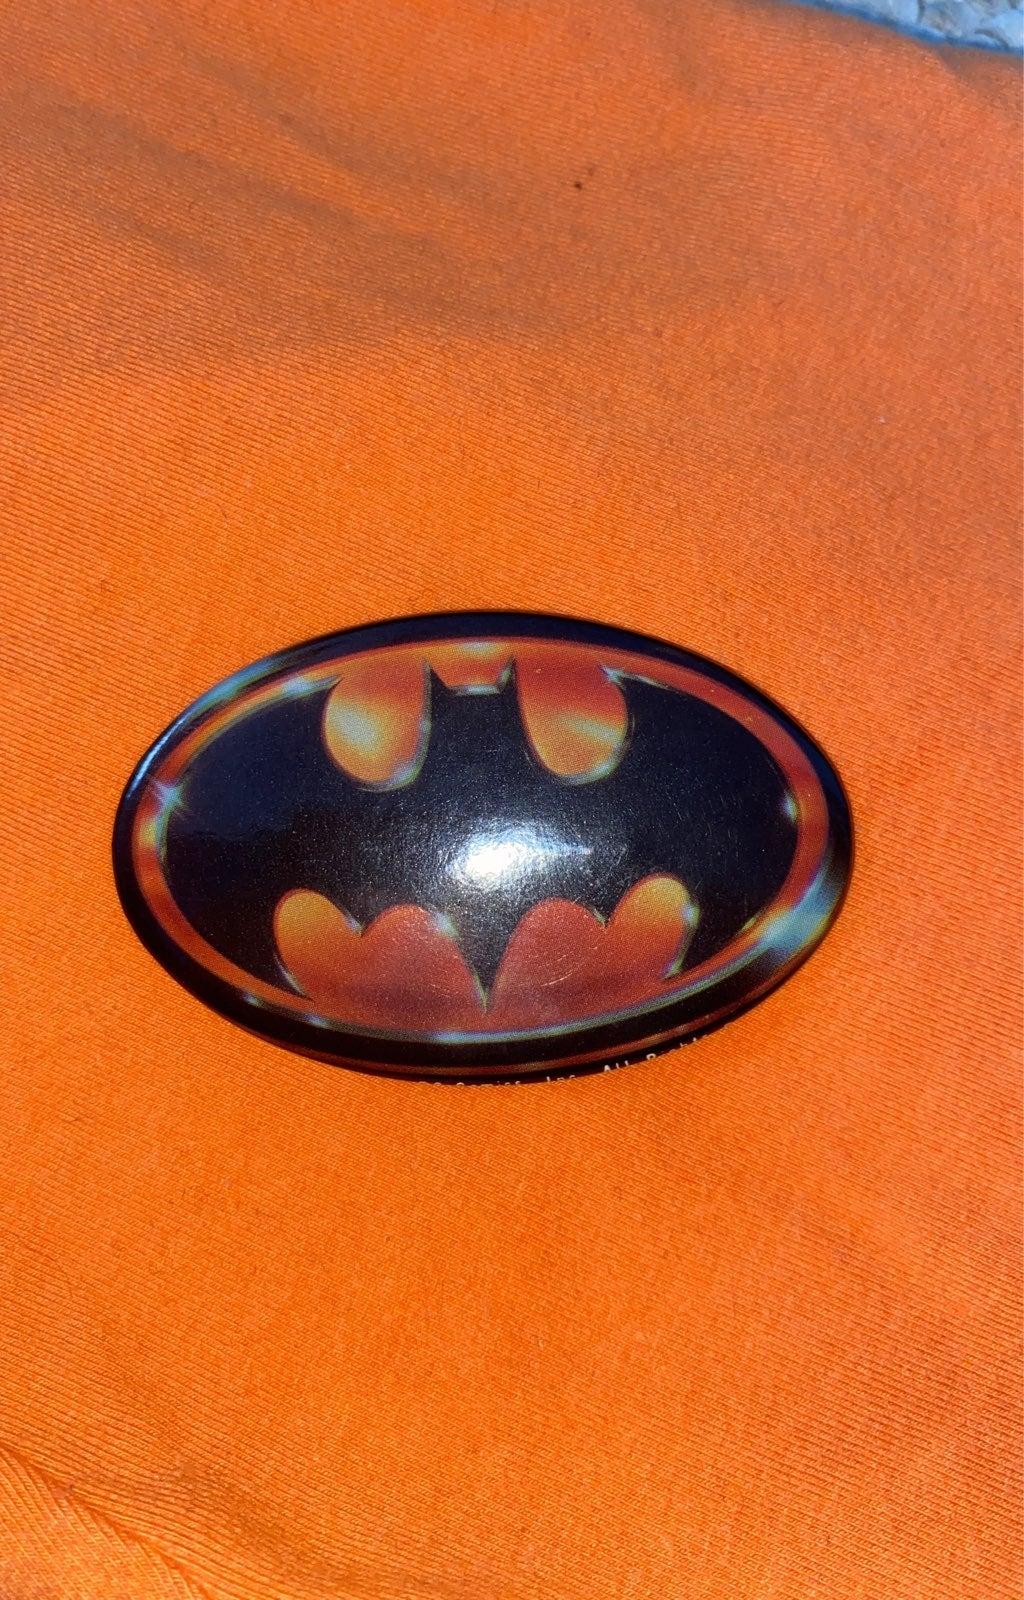 1989 Batman Pin